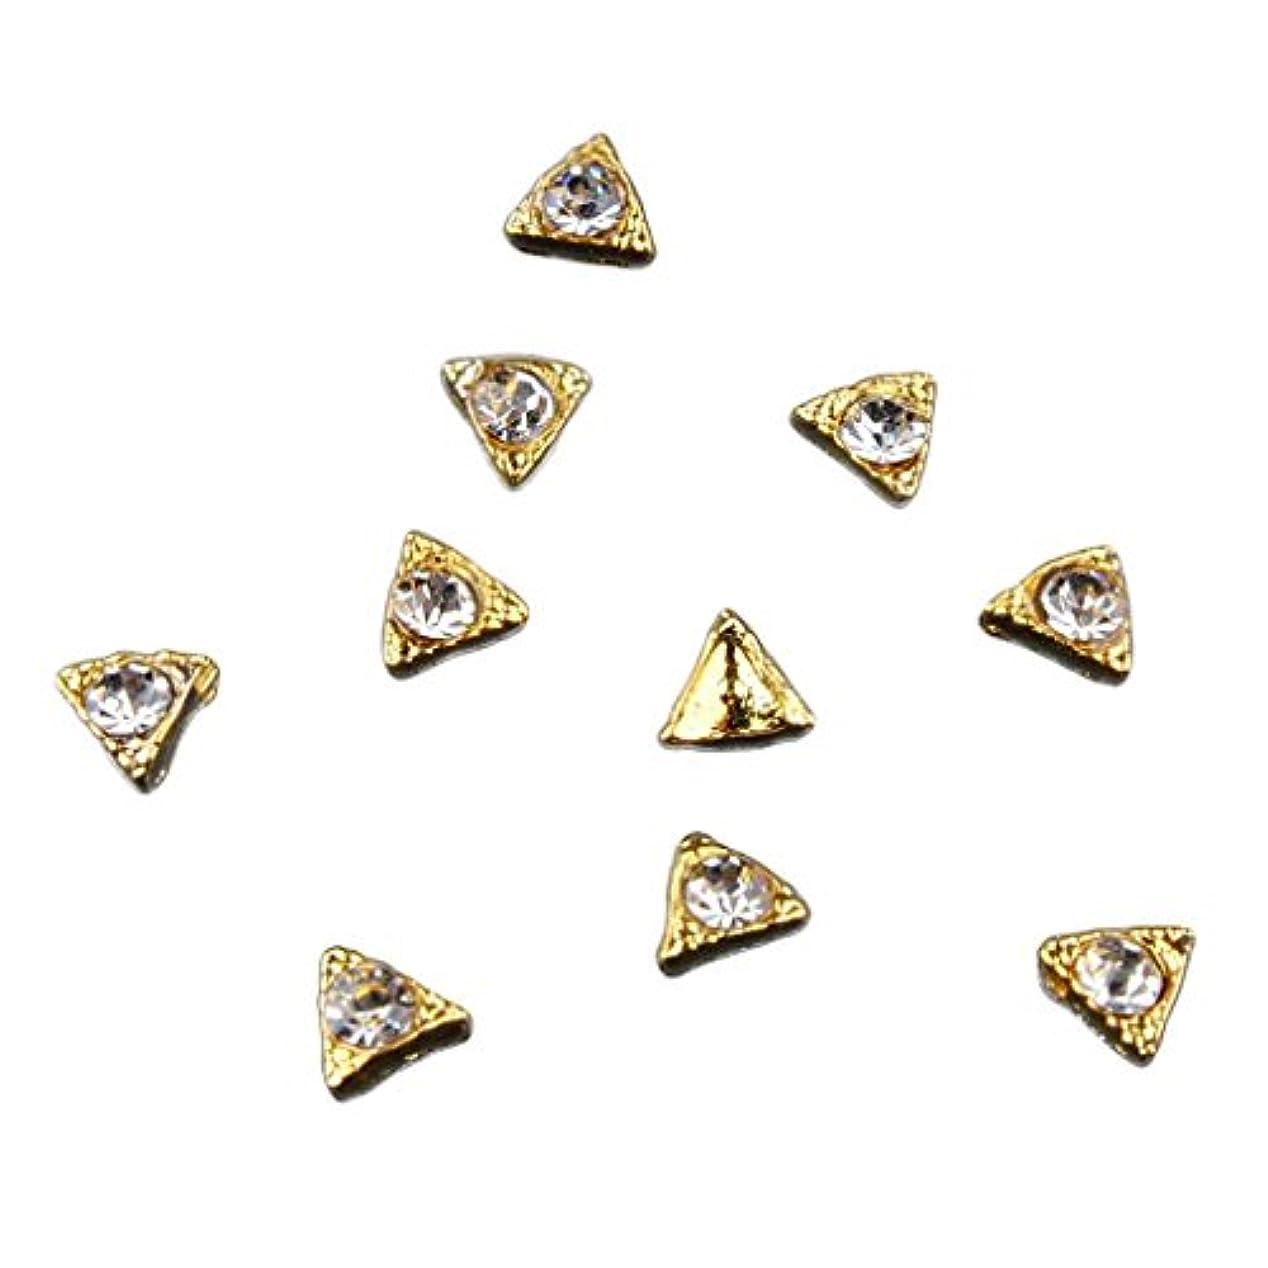 オーケストラ目を覚ますヒューズ50個入り ネイル ネイルデザイン ダイヤモンド 3Dネイルアート ヒントステッカー デコレーション - 7